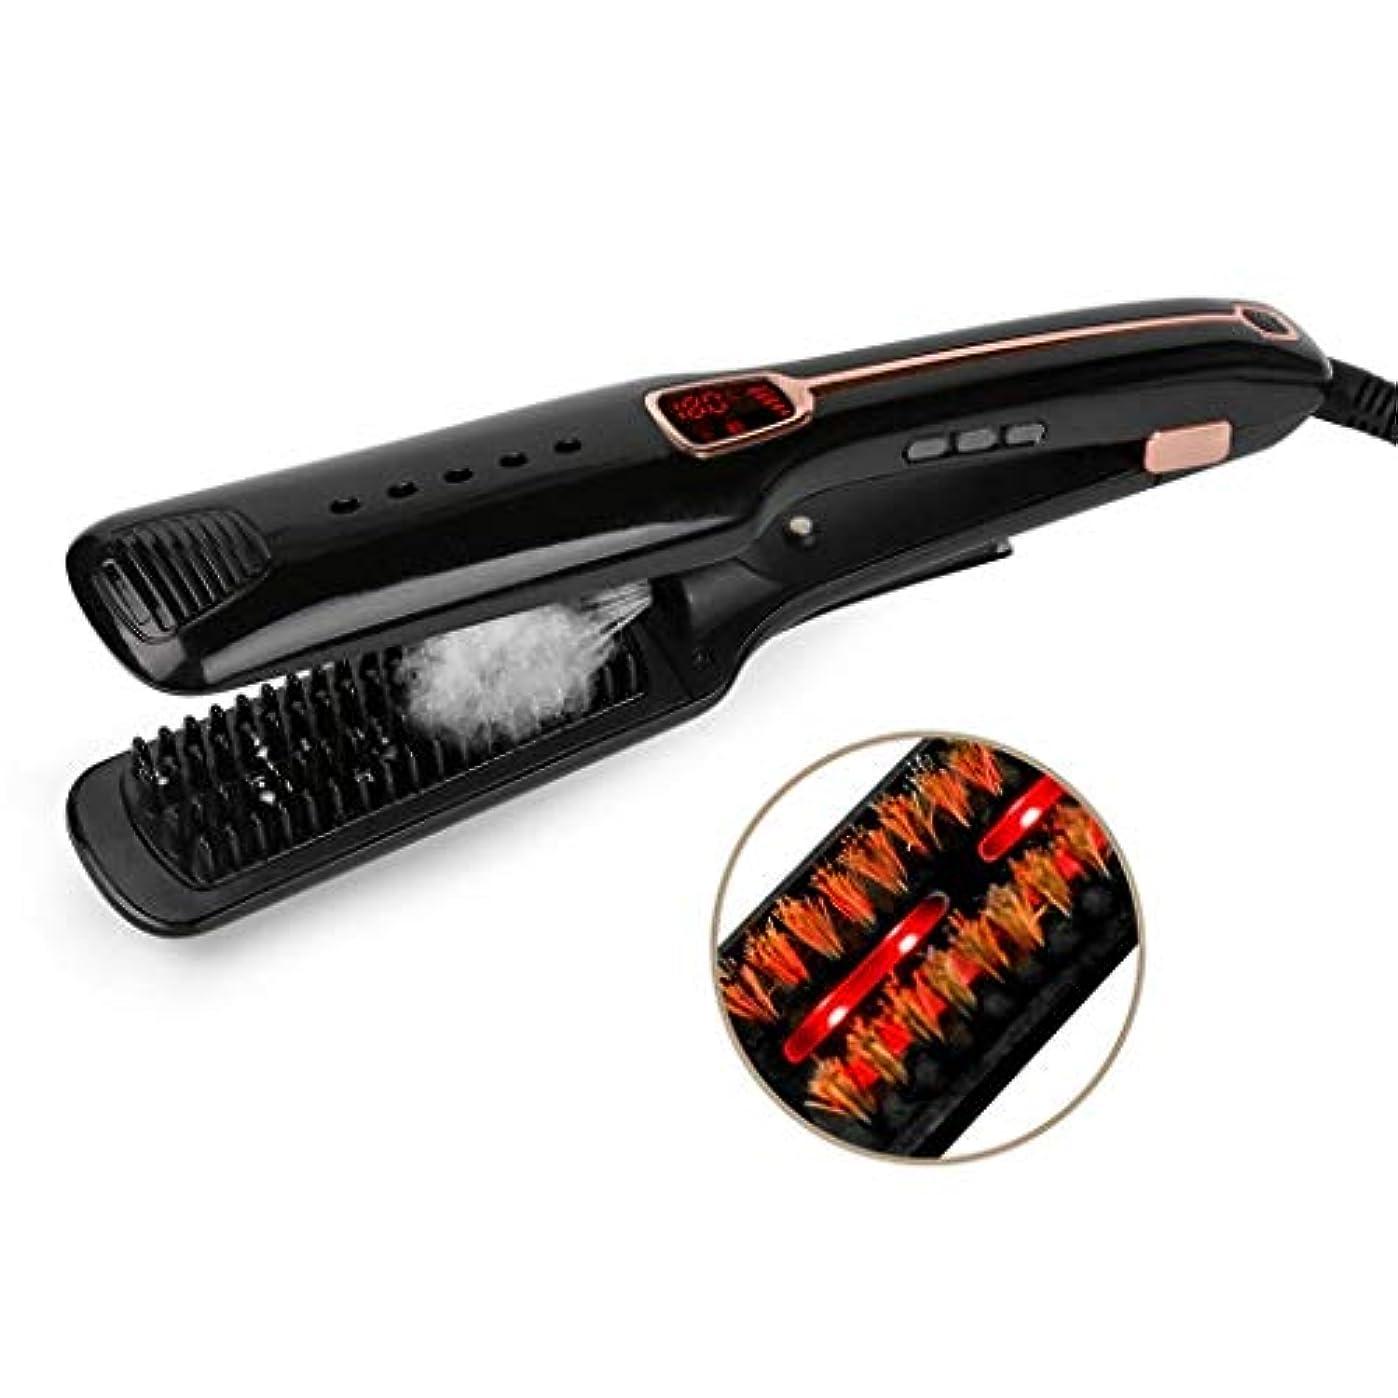 きらめくメルボルン布多機能ストレートヘアカーラー、セラミックサロンストレートヘアアイロン、多機能赤外線マイナスイオン、液晶ディスプレイ、ストレートヘアスプリントヘアカーラーデュアルユース (Color : White)